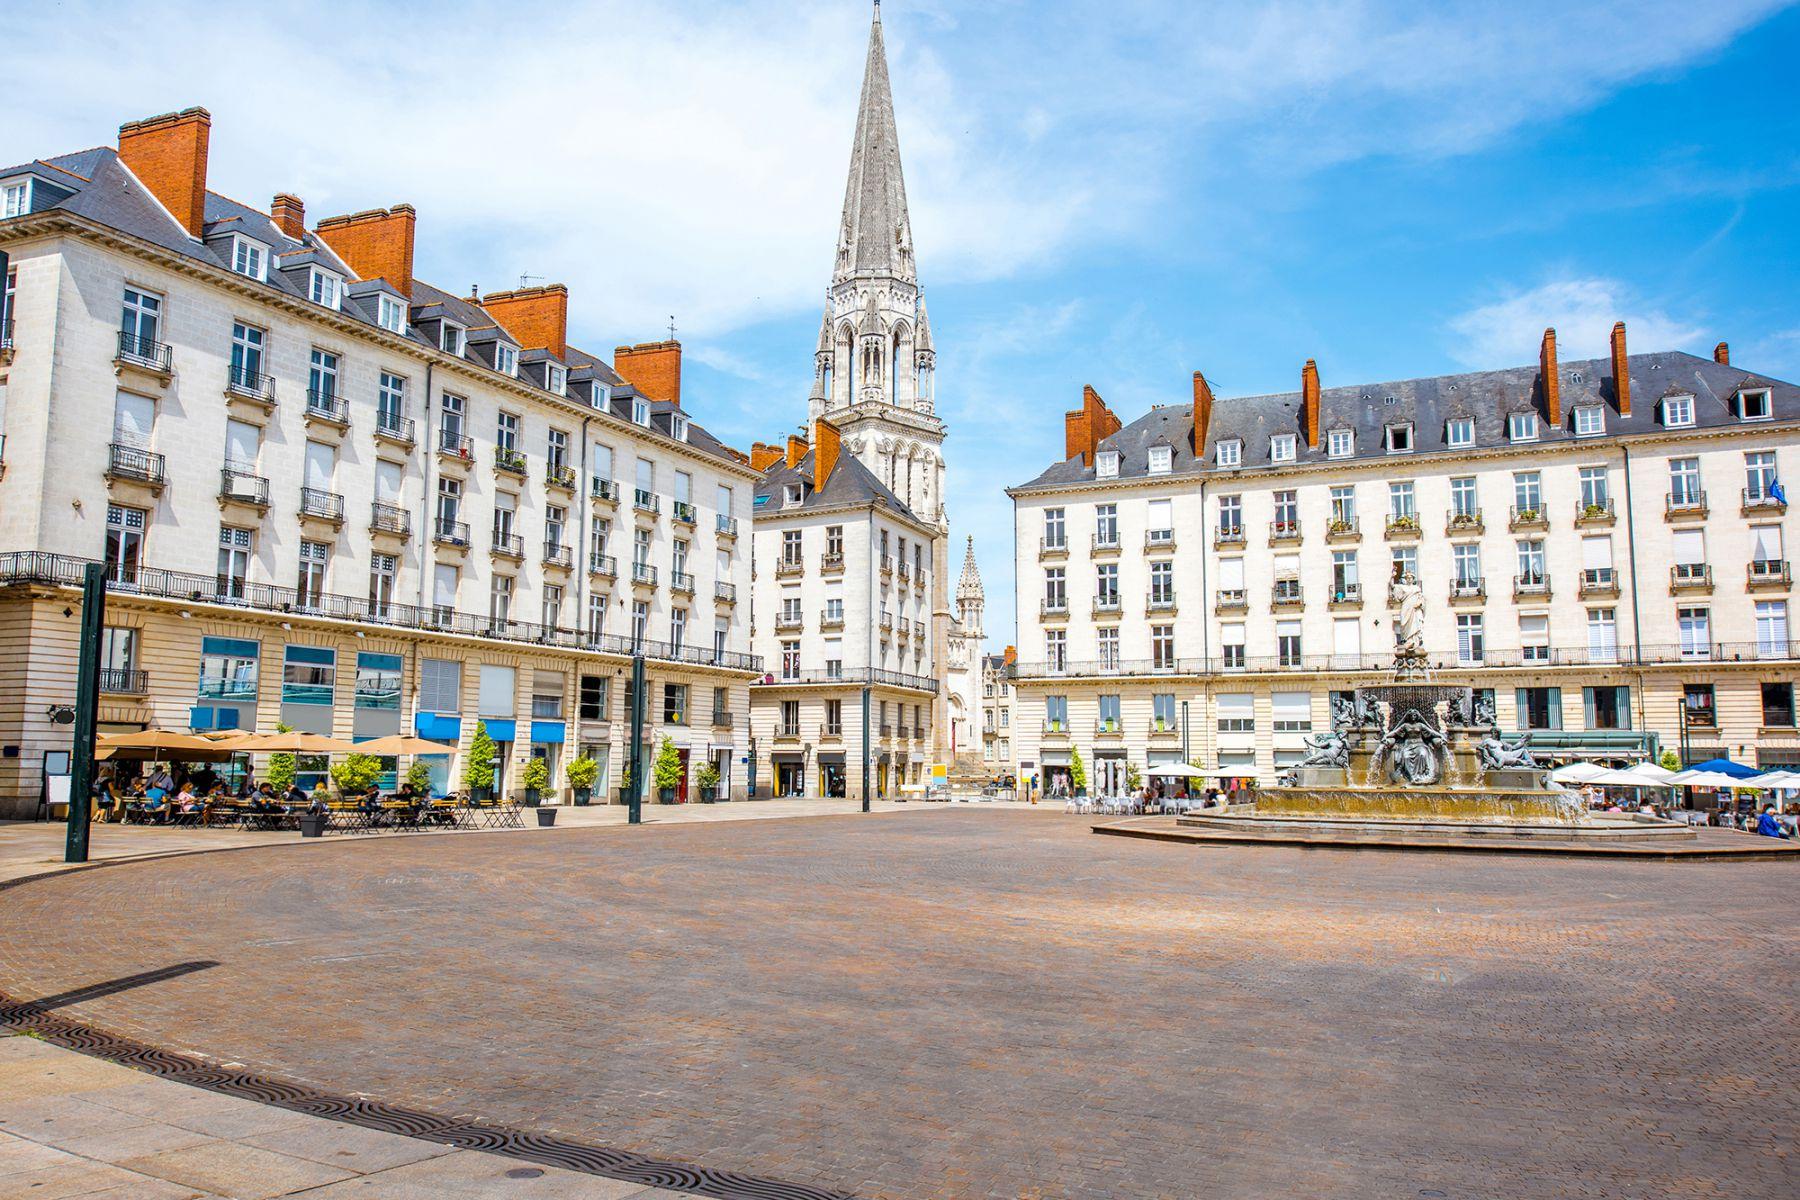 Plein in Nantes